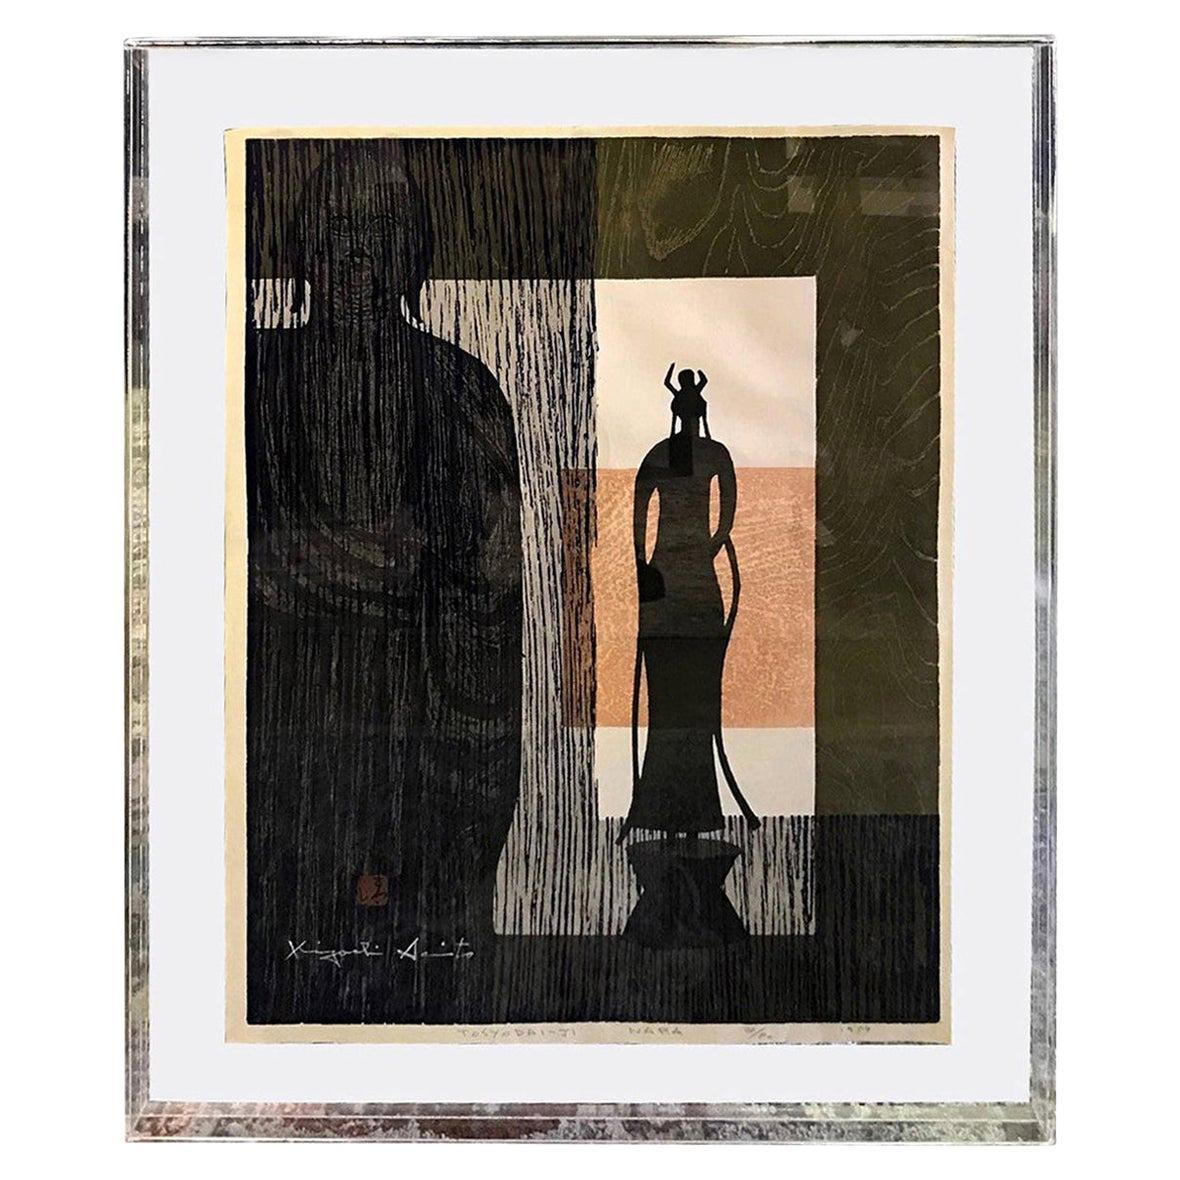 Kiyoshi Saito Signed Limited Edition Japanese Woodblock Print Tosyodai-Ji Nara